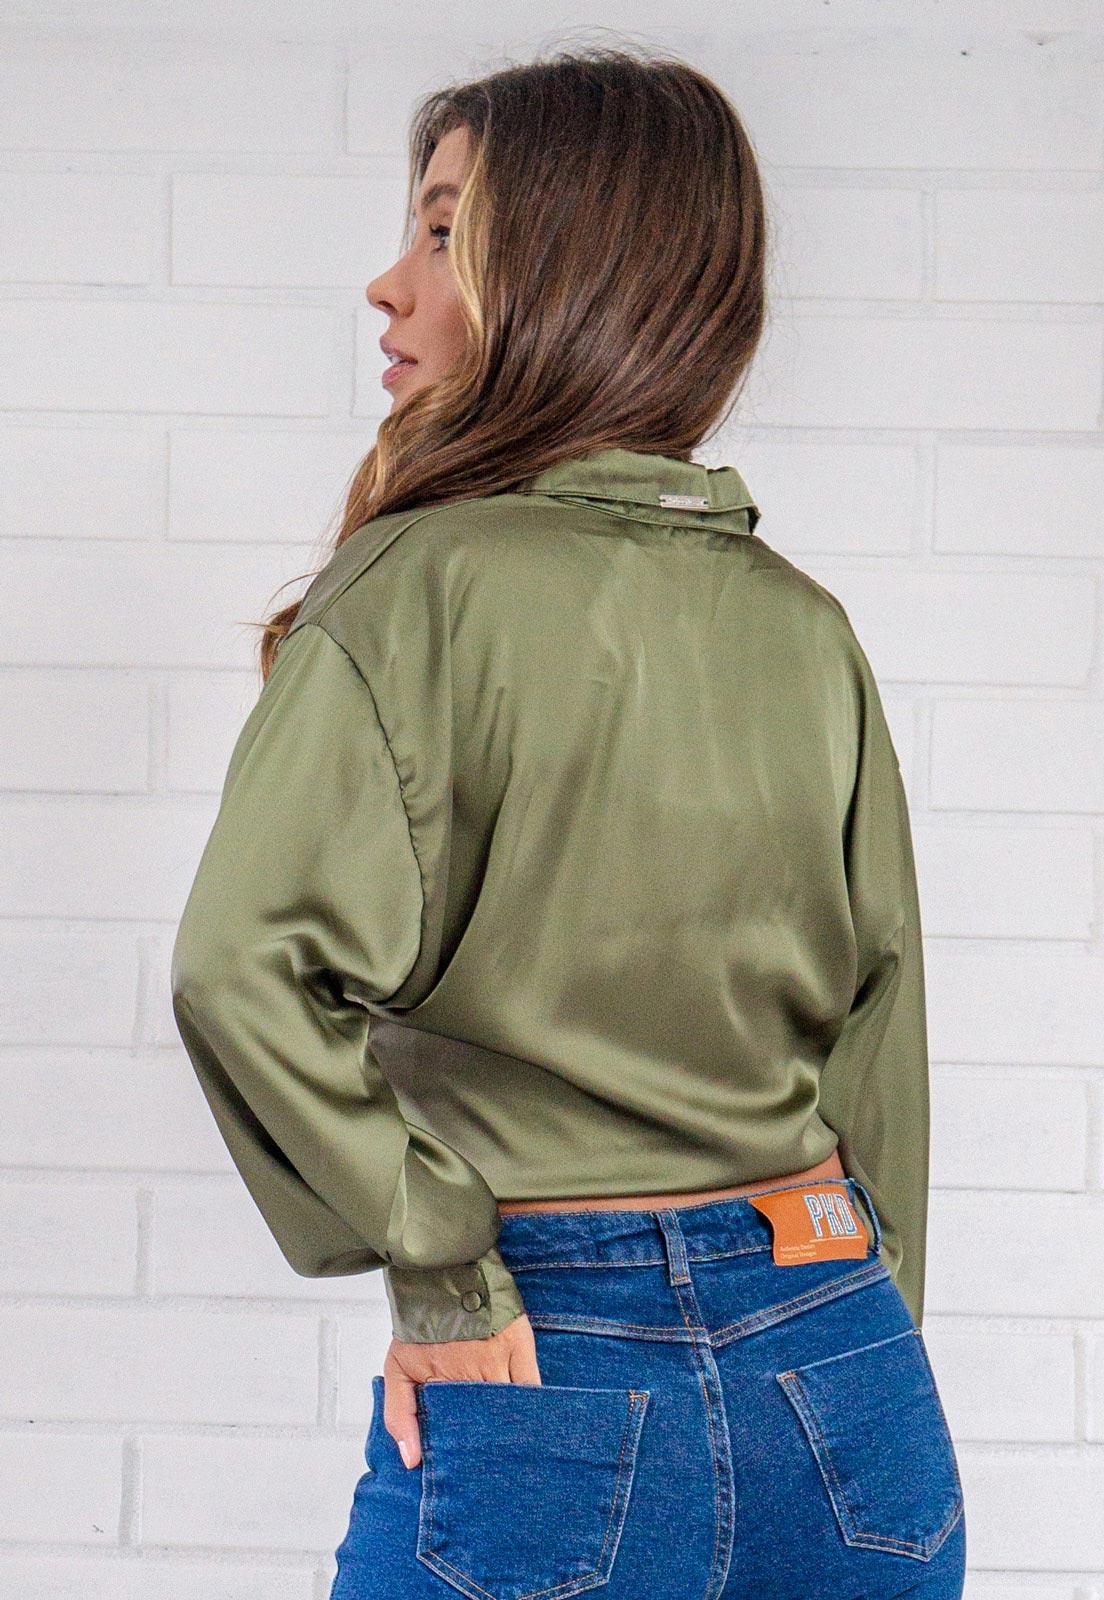 Camisa Glossy Cropped com Amarração Verde Militar Pkd